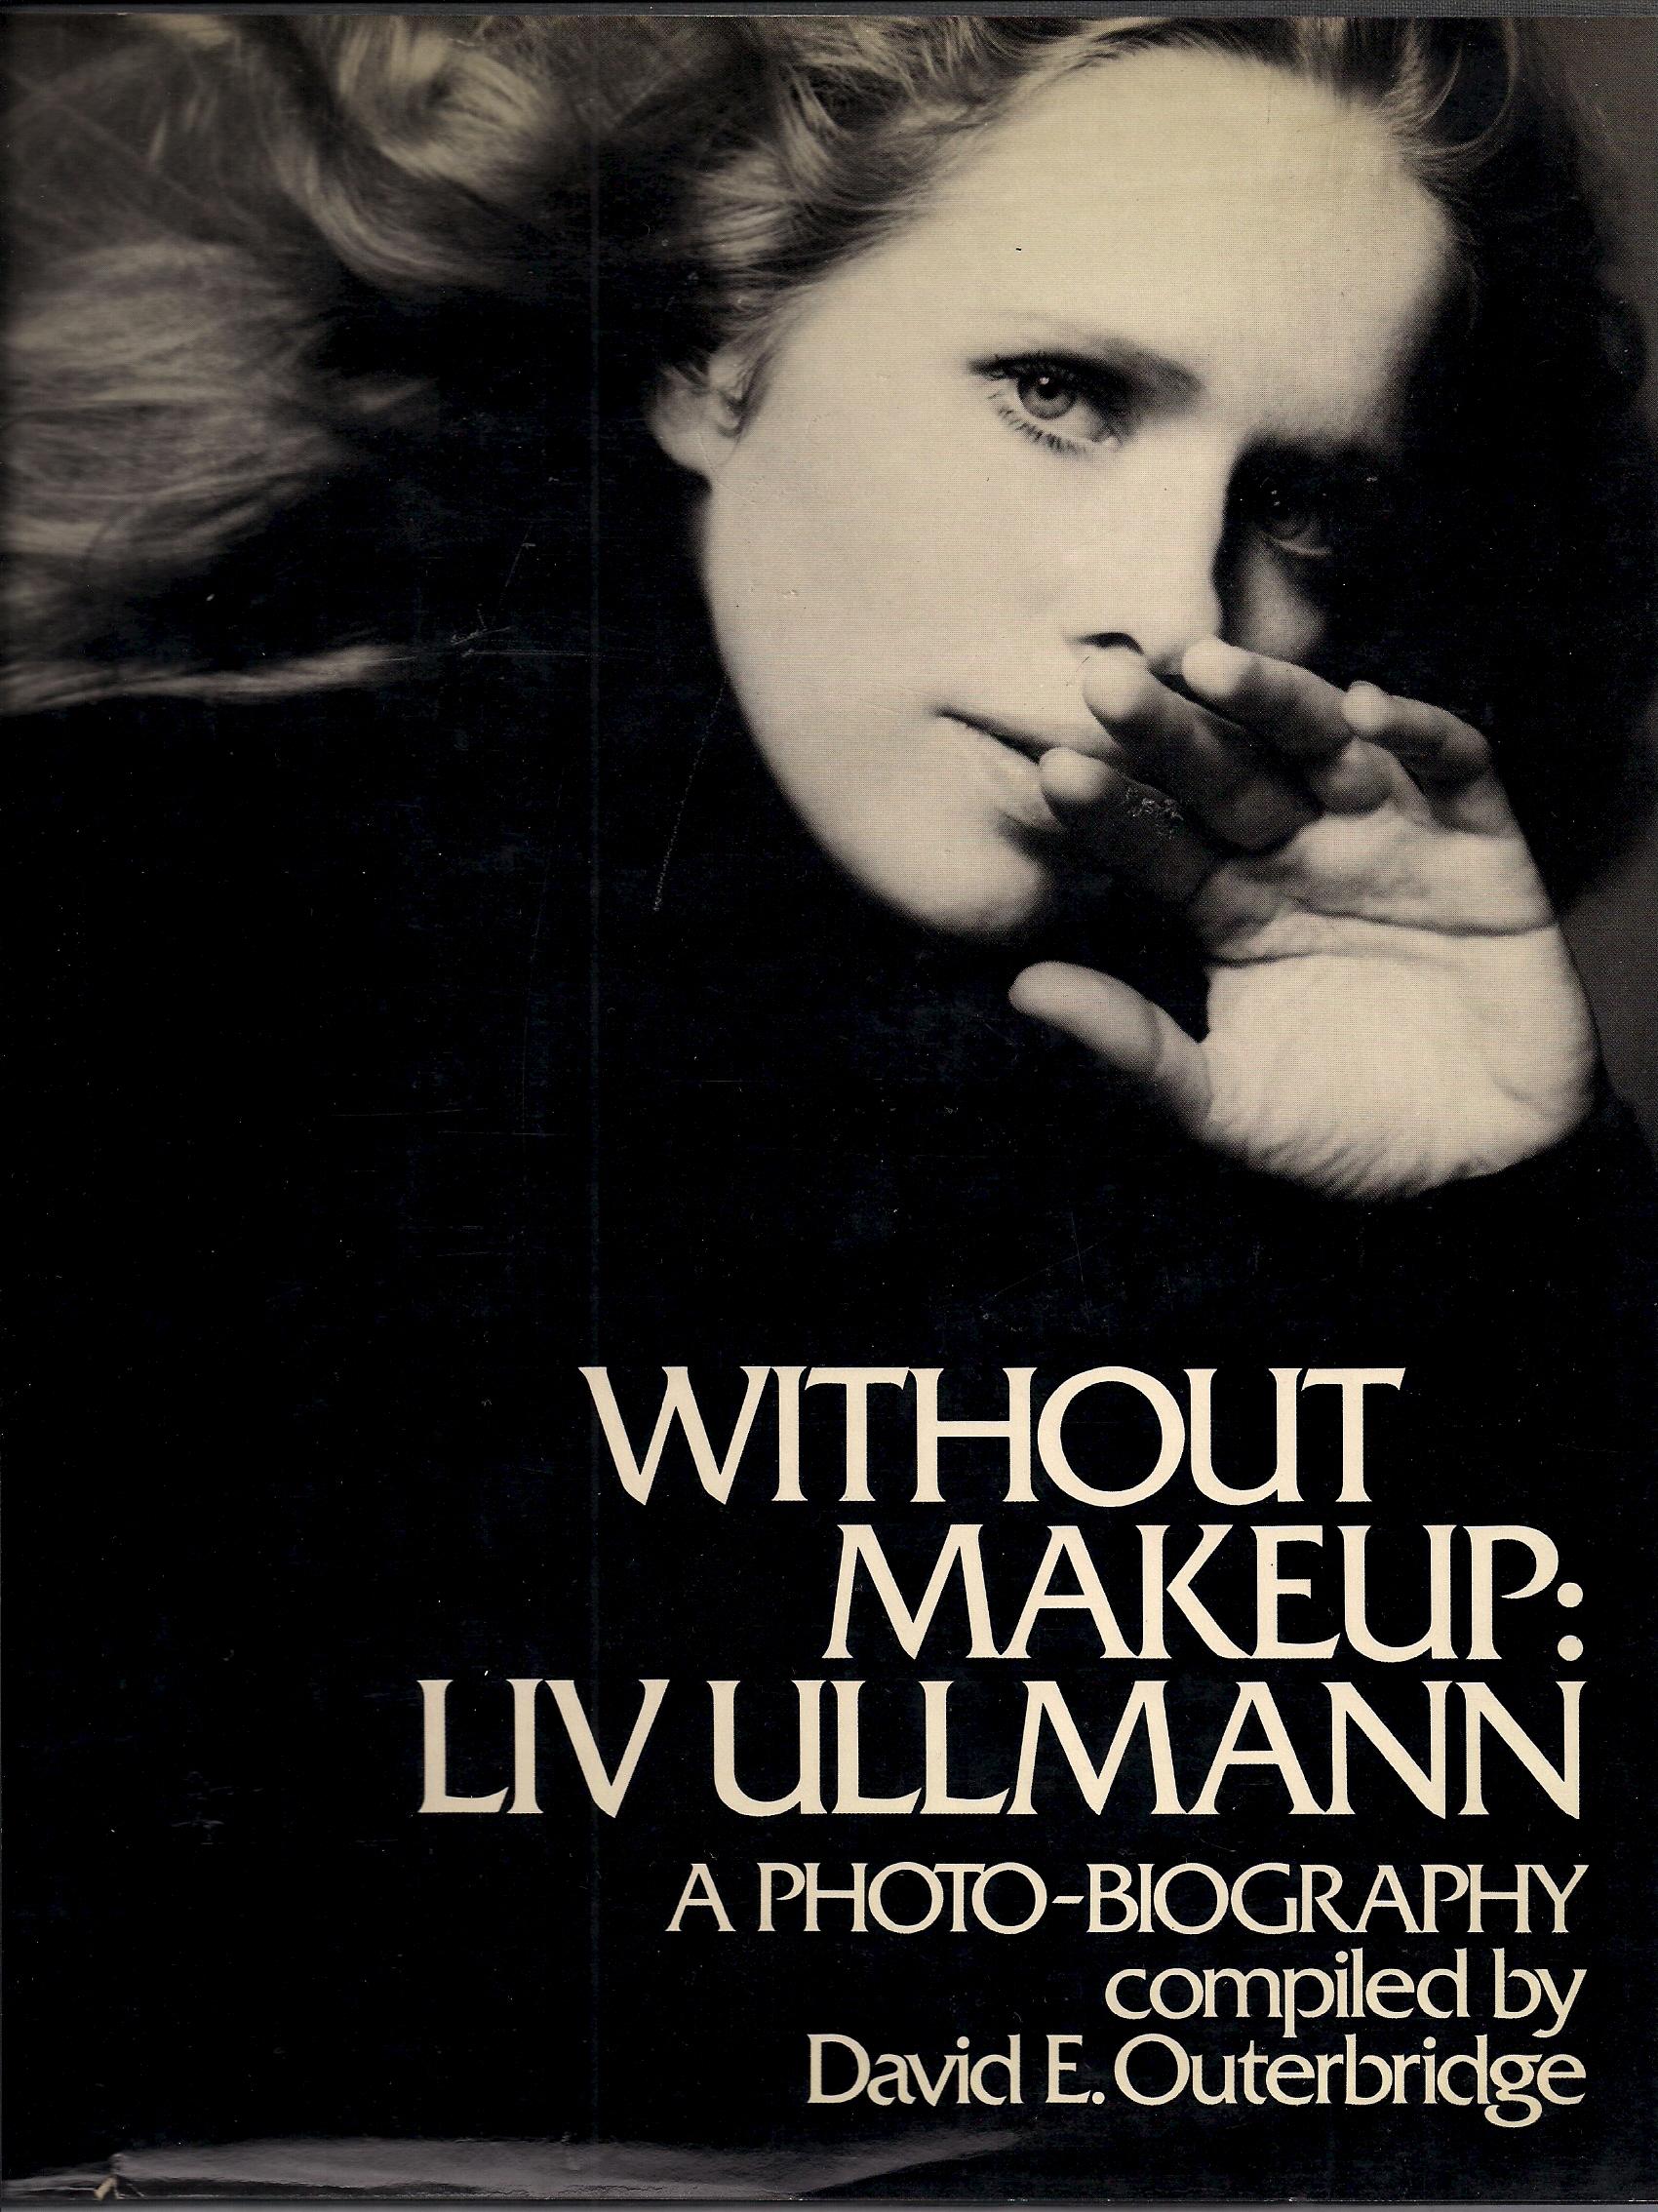 Without makeup, Liv Ullmann